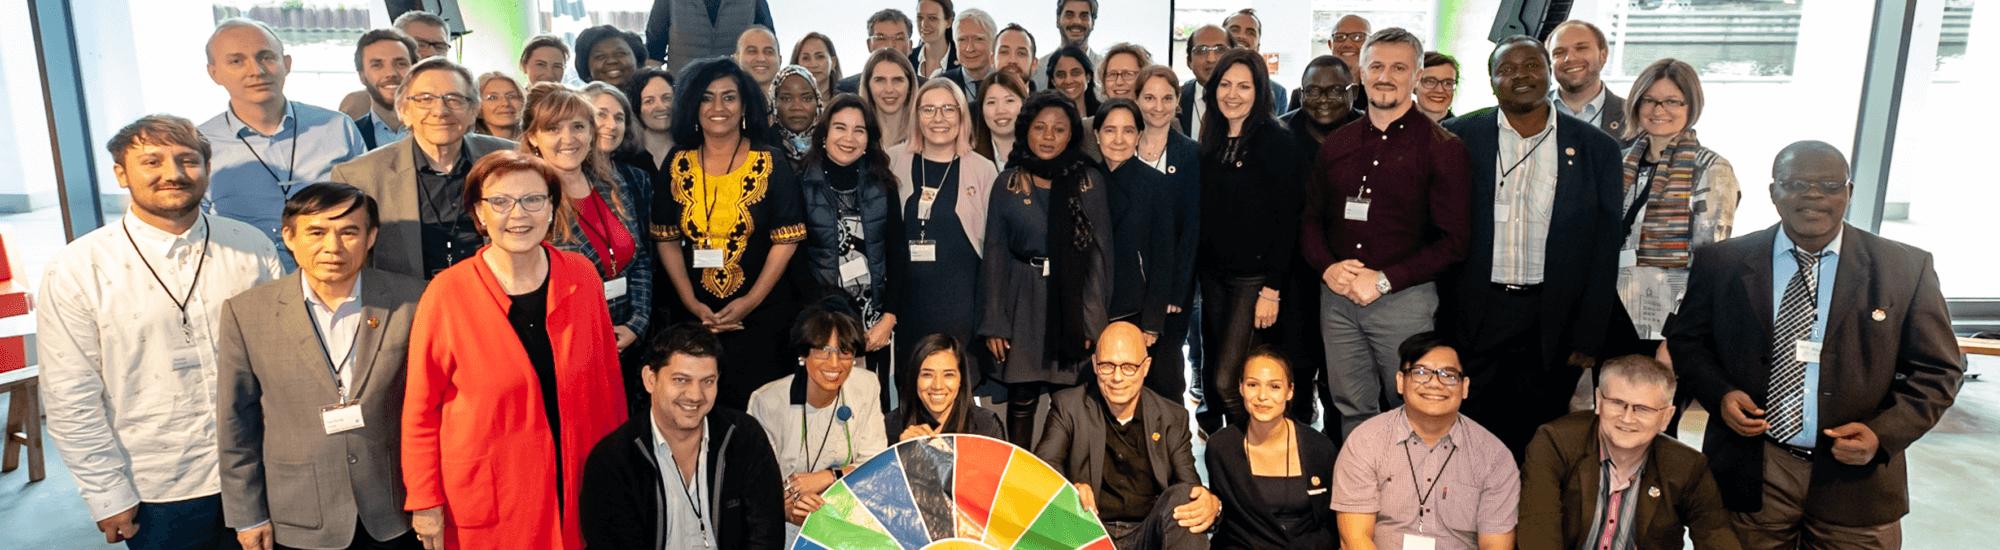 Teilnehmer*innen des Open SDGclub.Berlin 2019 - Foto: Svea Pietschmann, © Rat für Nachhaltige Entwicklung